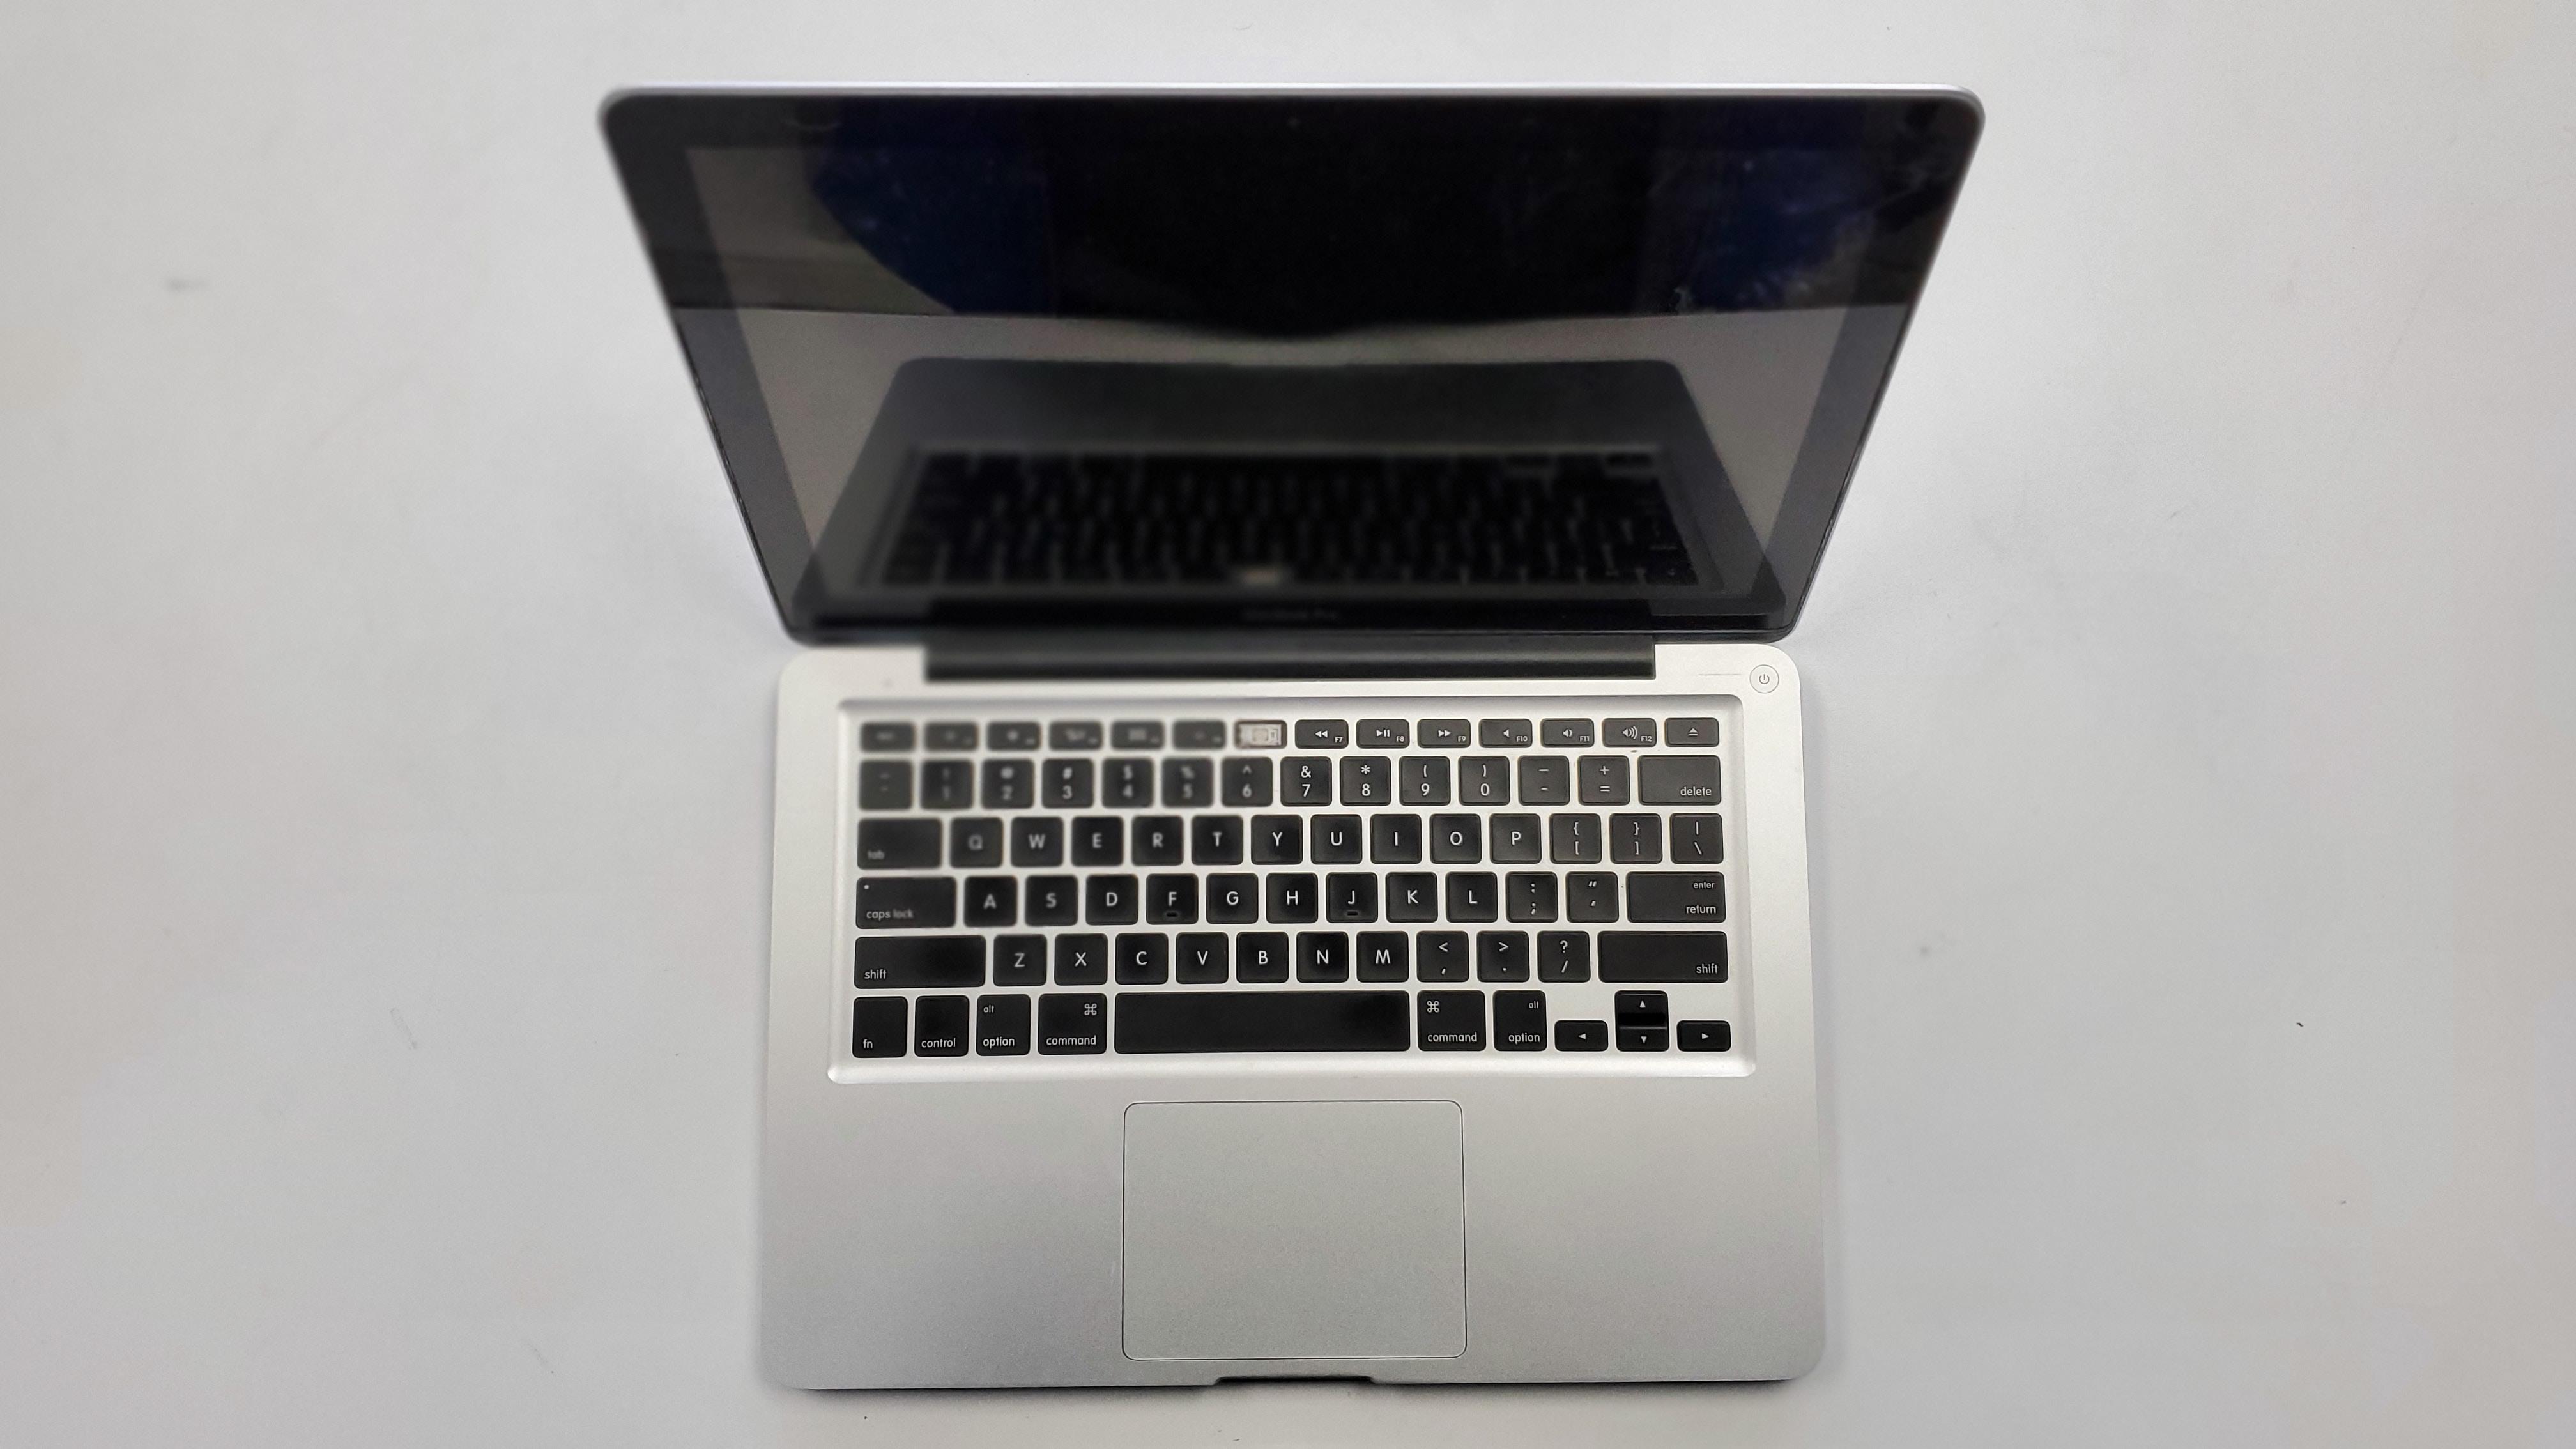 macbook pro repair service plano ifixdallas